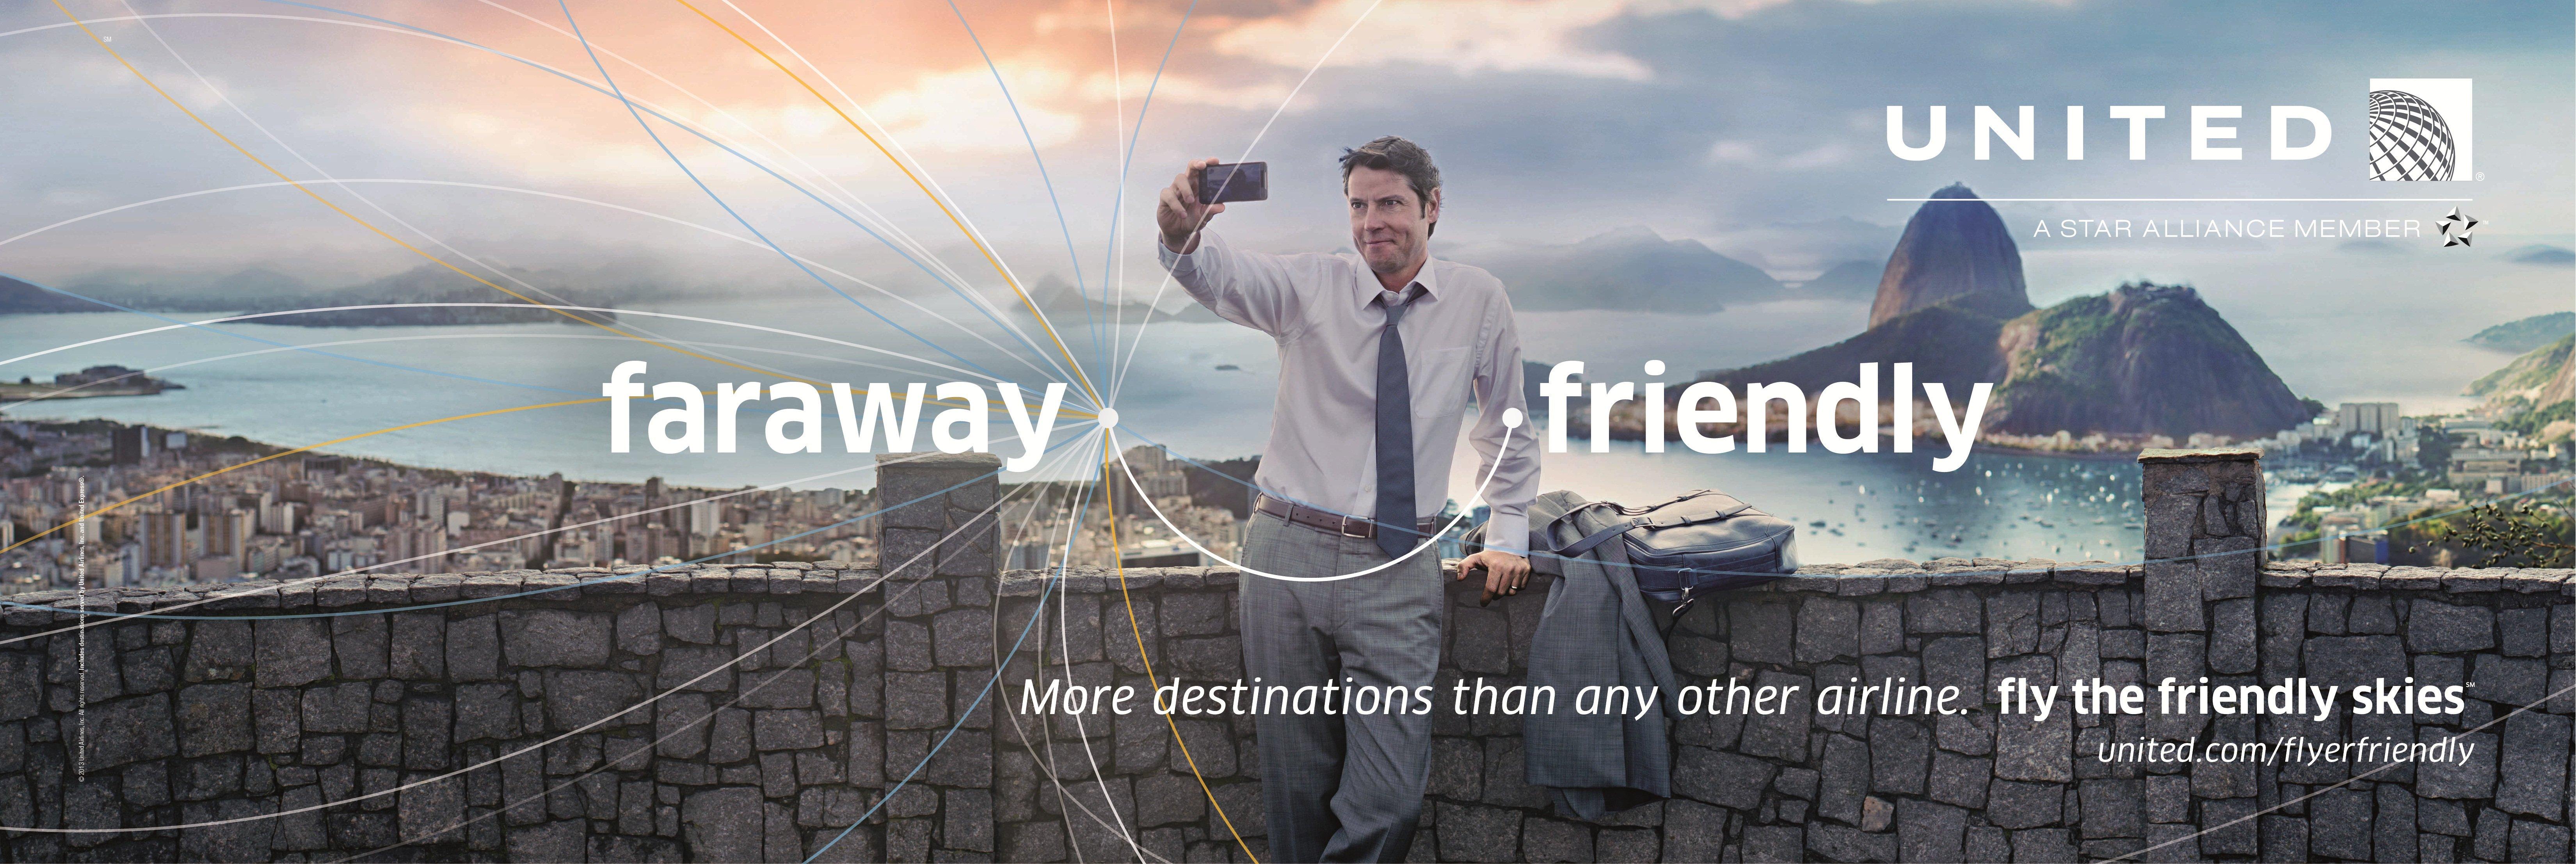 United Airlines Advertising Friendly Skies